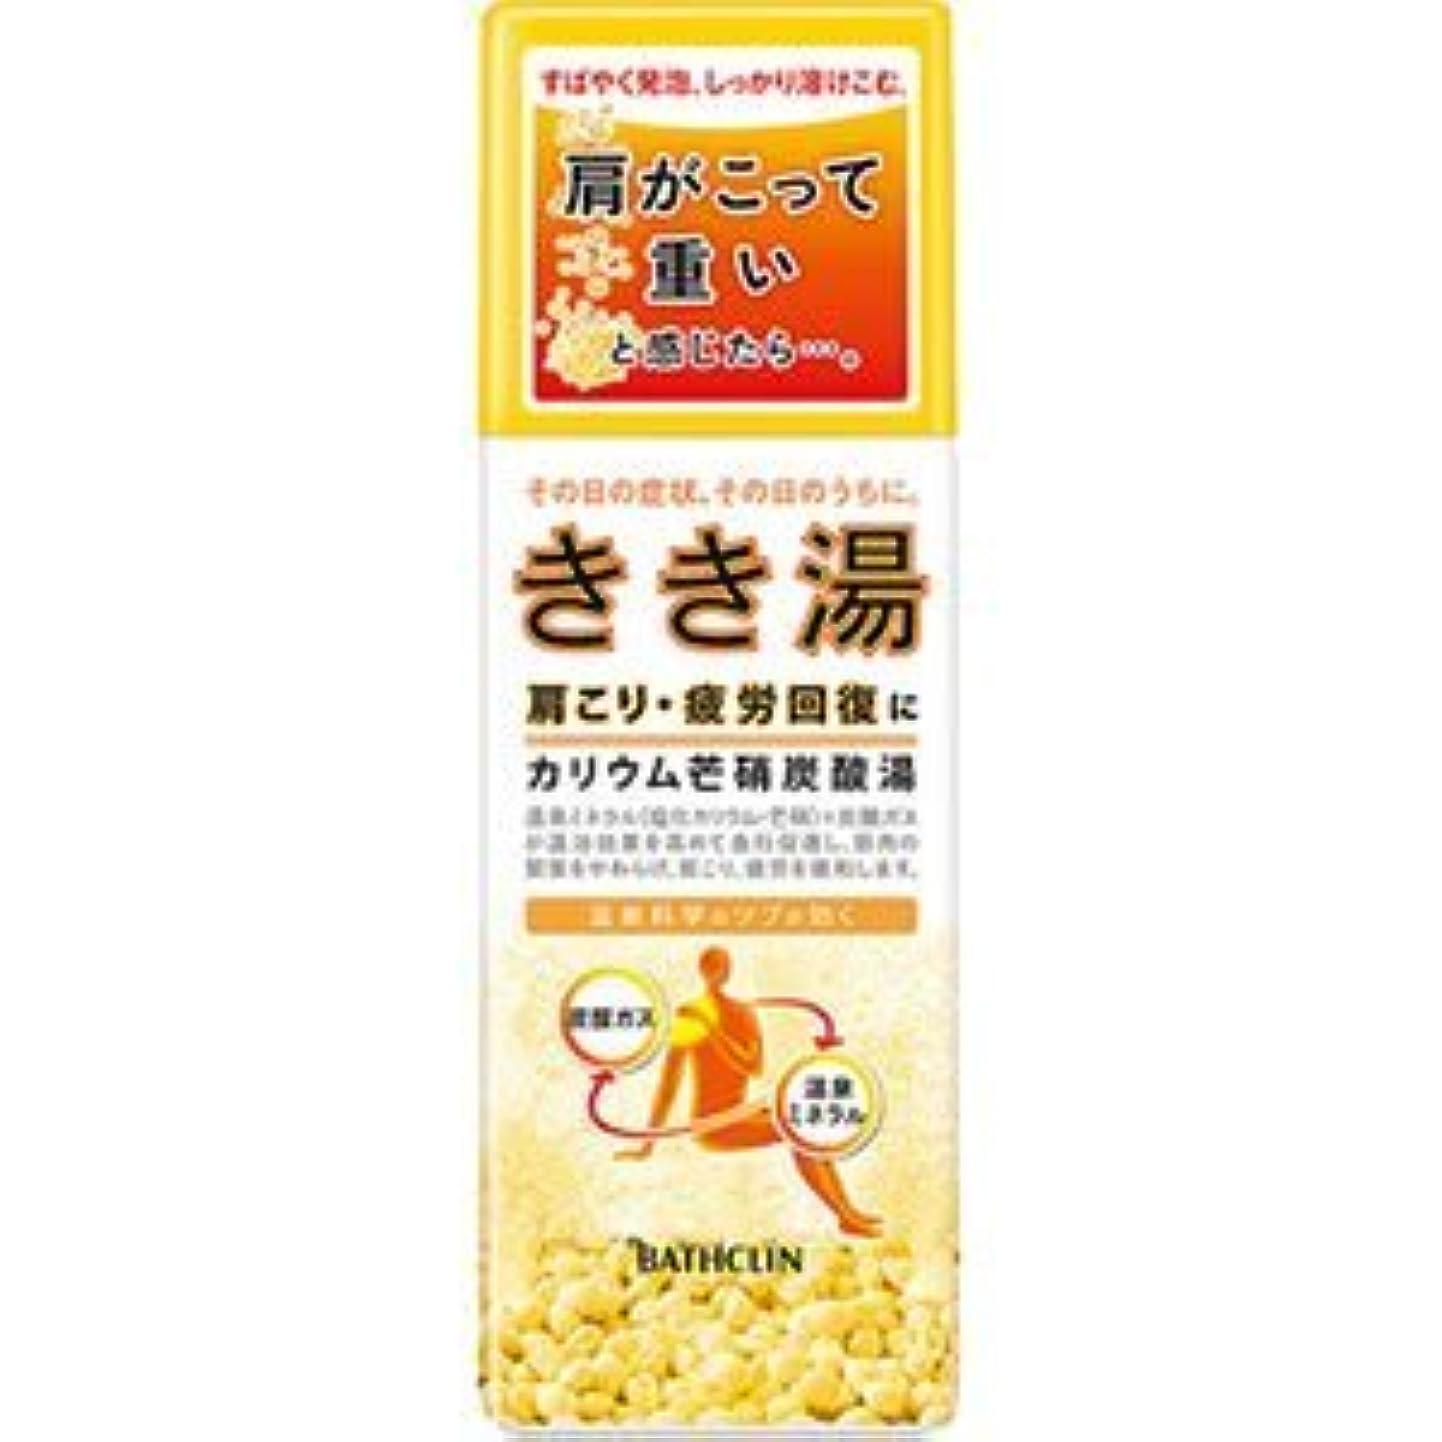 応答モルヒネ潤滑する(バスクリン)きき湯 カリウム芒哨炭酸湯 360g(お買い得3個セット)(医薬部外品)